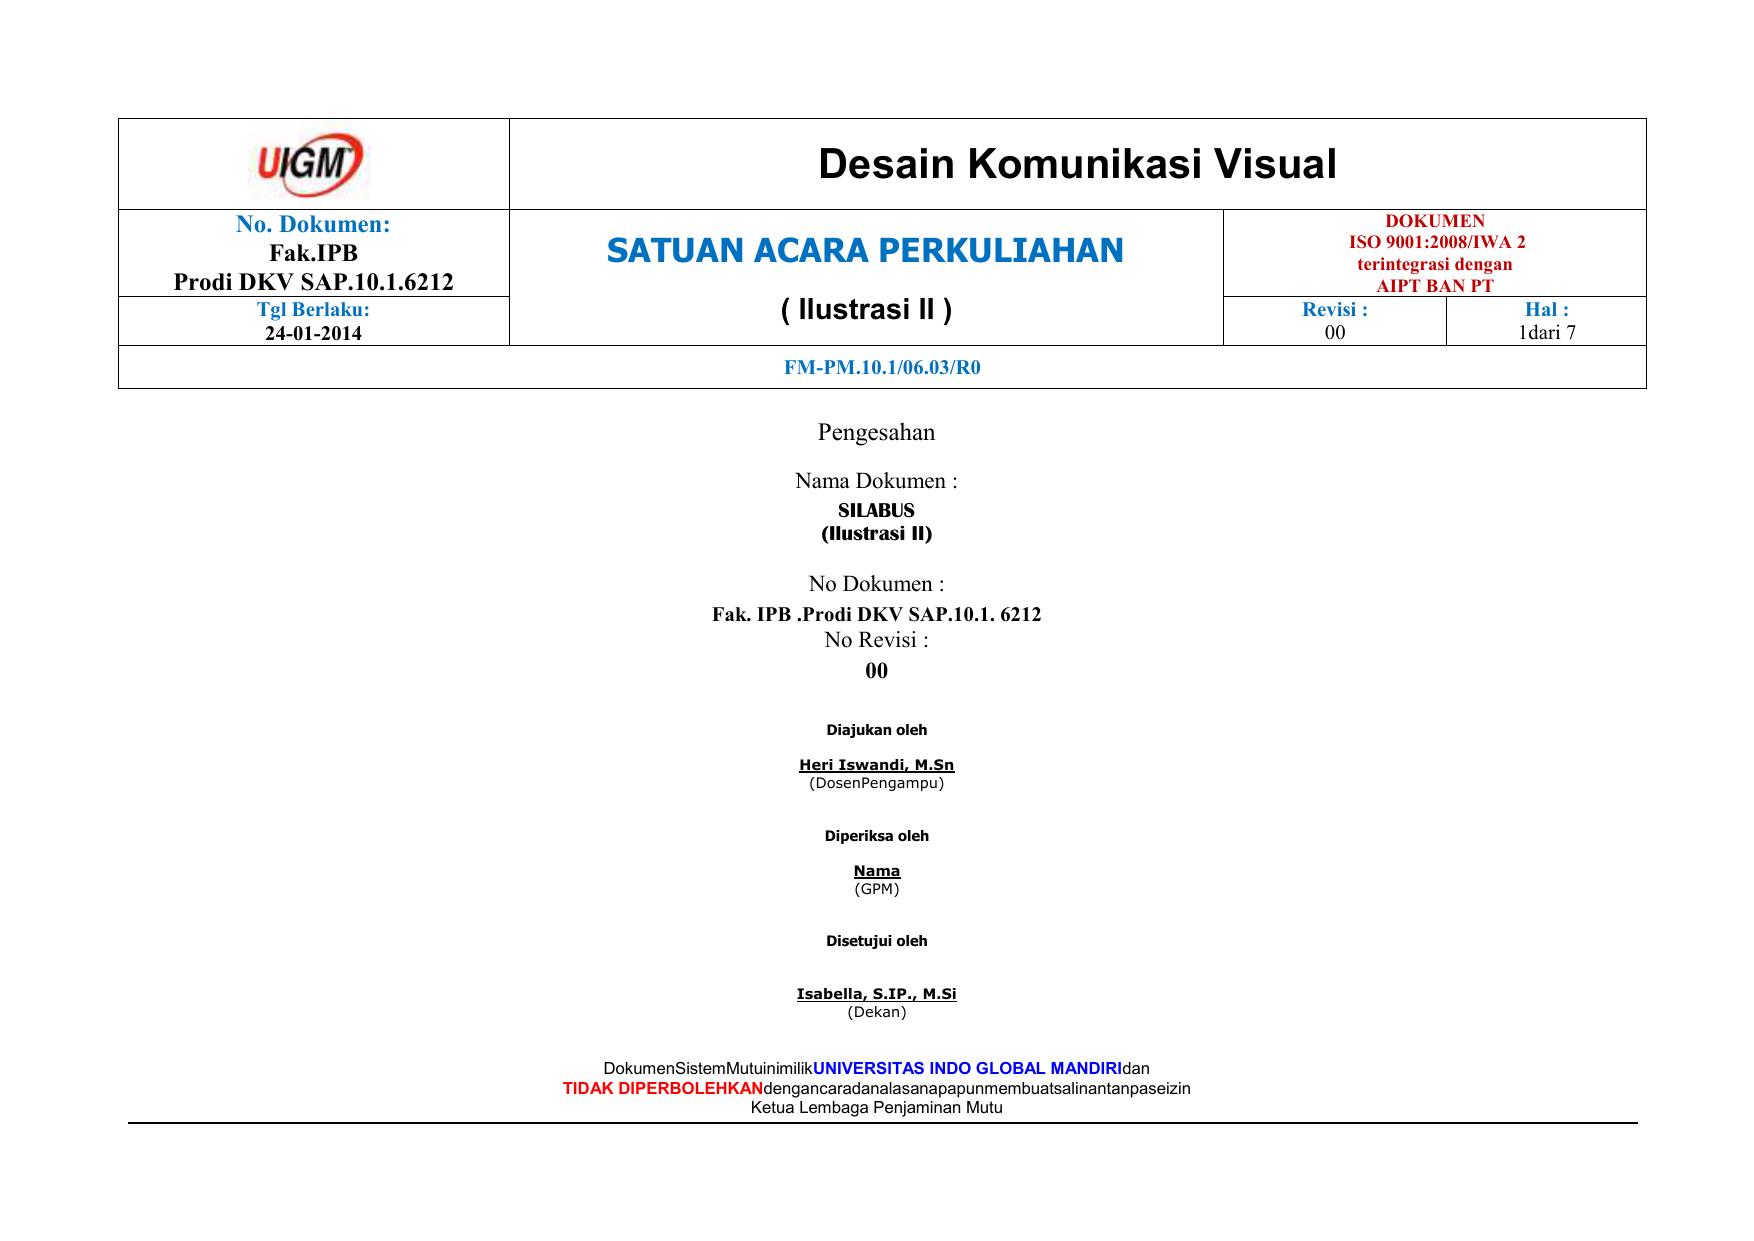 55 Foto Desain Komunikasi Visual Ipb Paling Keren Untuk Di Contoh